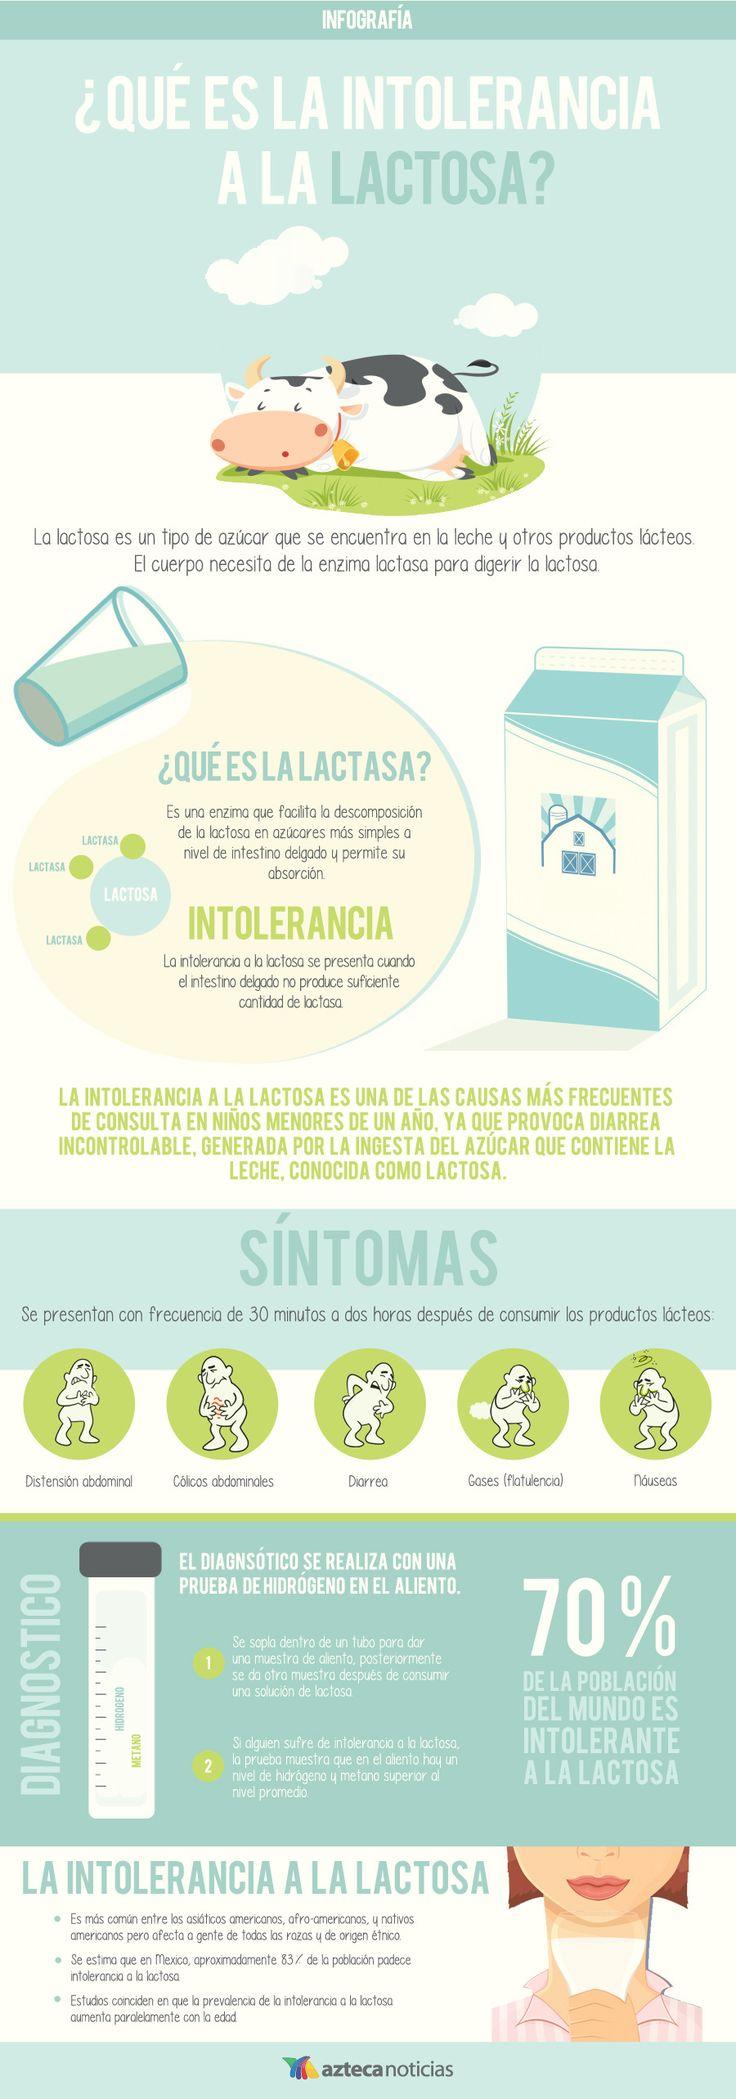 ¿Qué es la intolerancia a la lactosa? #infografia